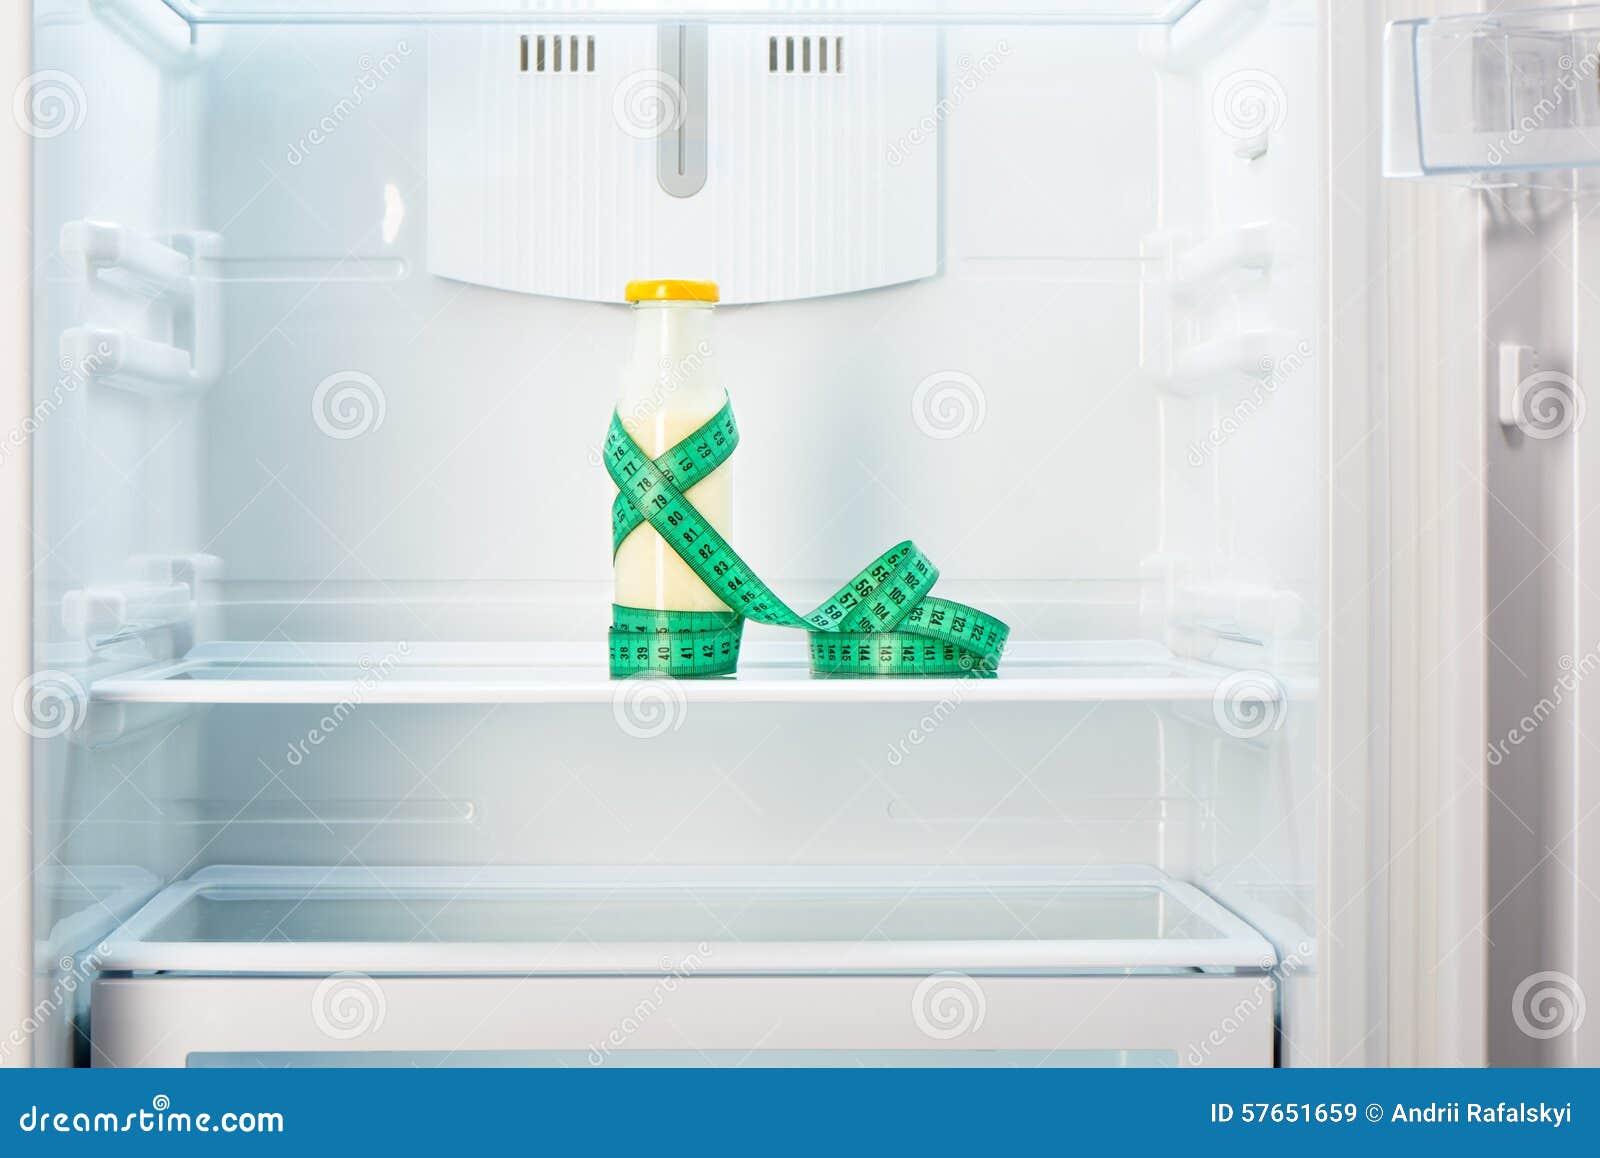 Μπουκάλι γυαλιού του γιαουρτιού με τη μέτρηση της ταινίας στο ράφι του ανοικτού κενού ψυγείου